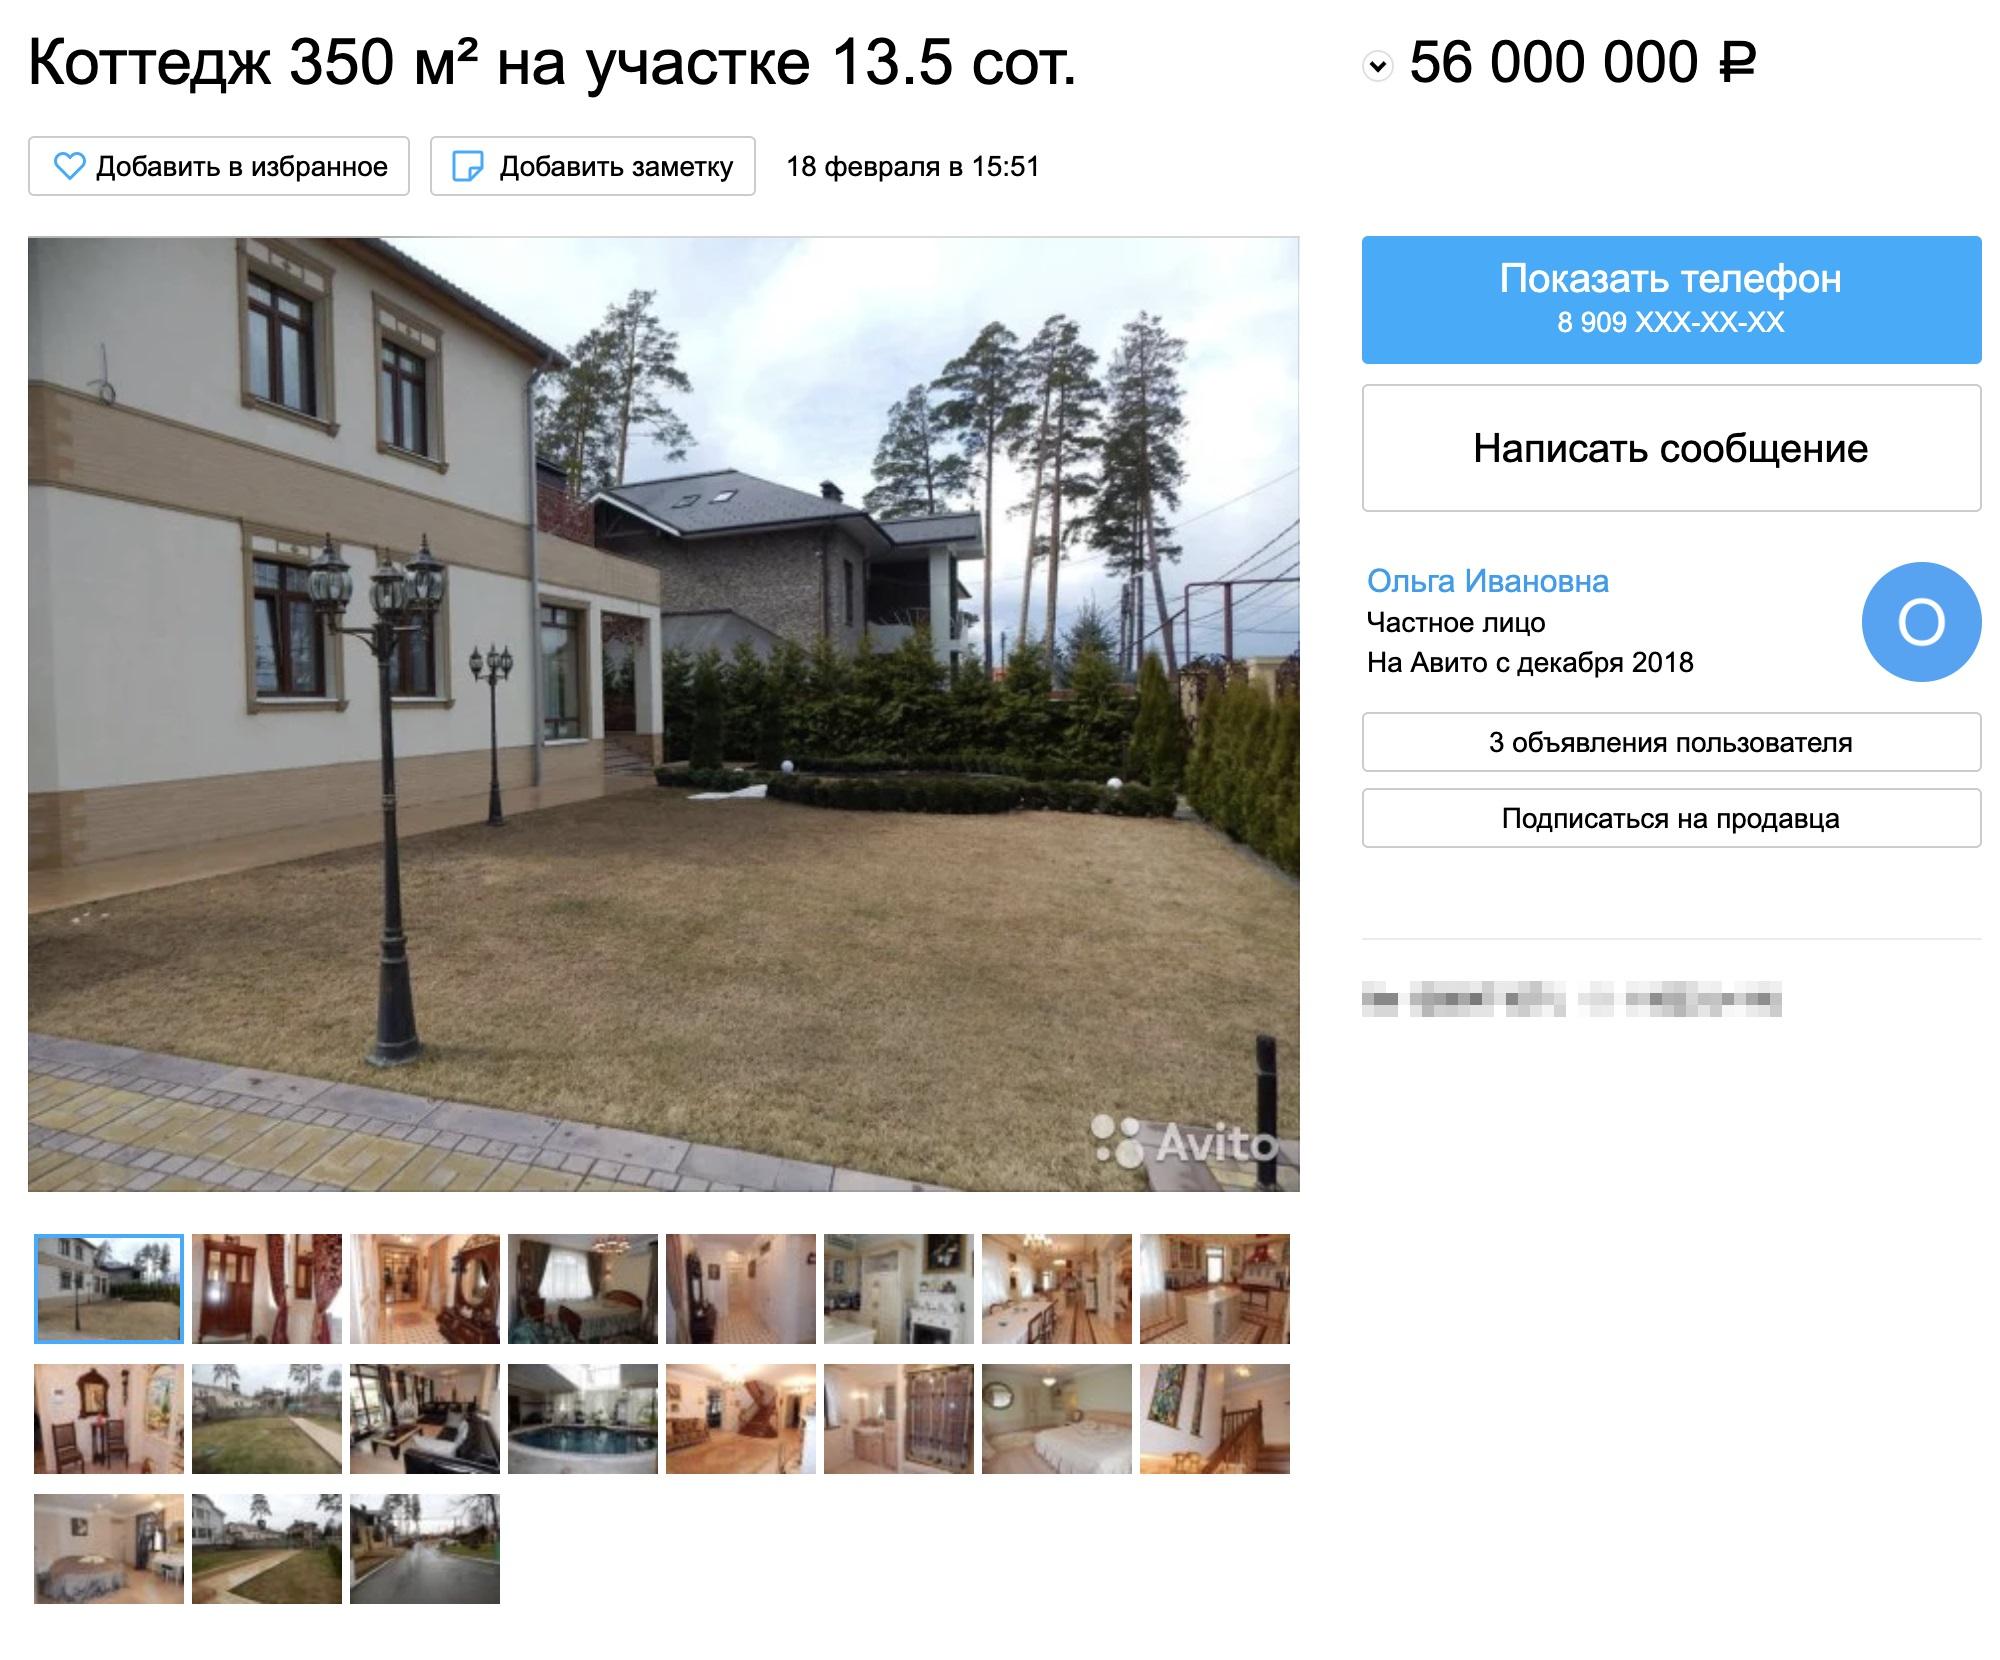 Так выглядит дом за 56 млн в «Портовом»